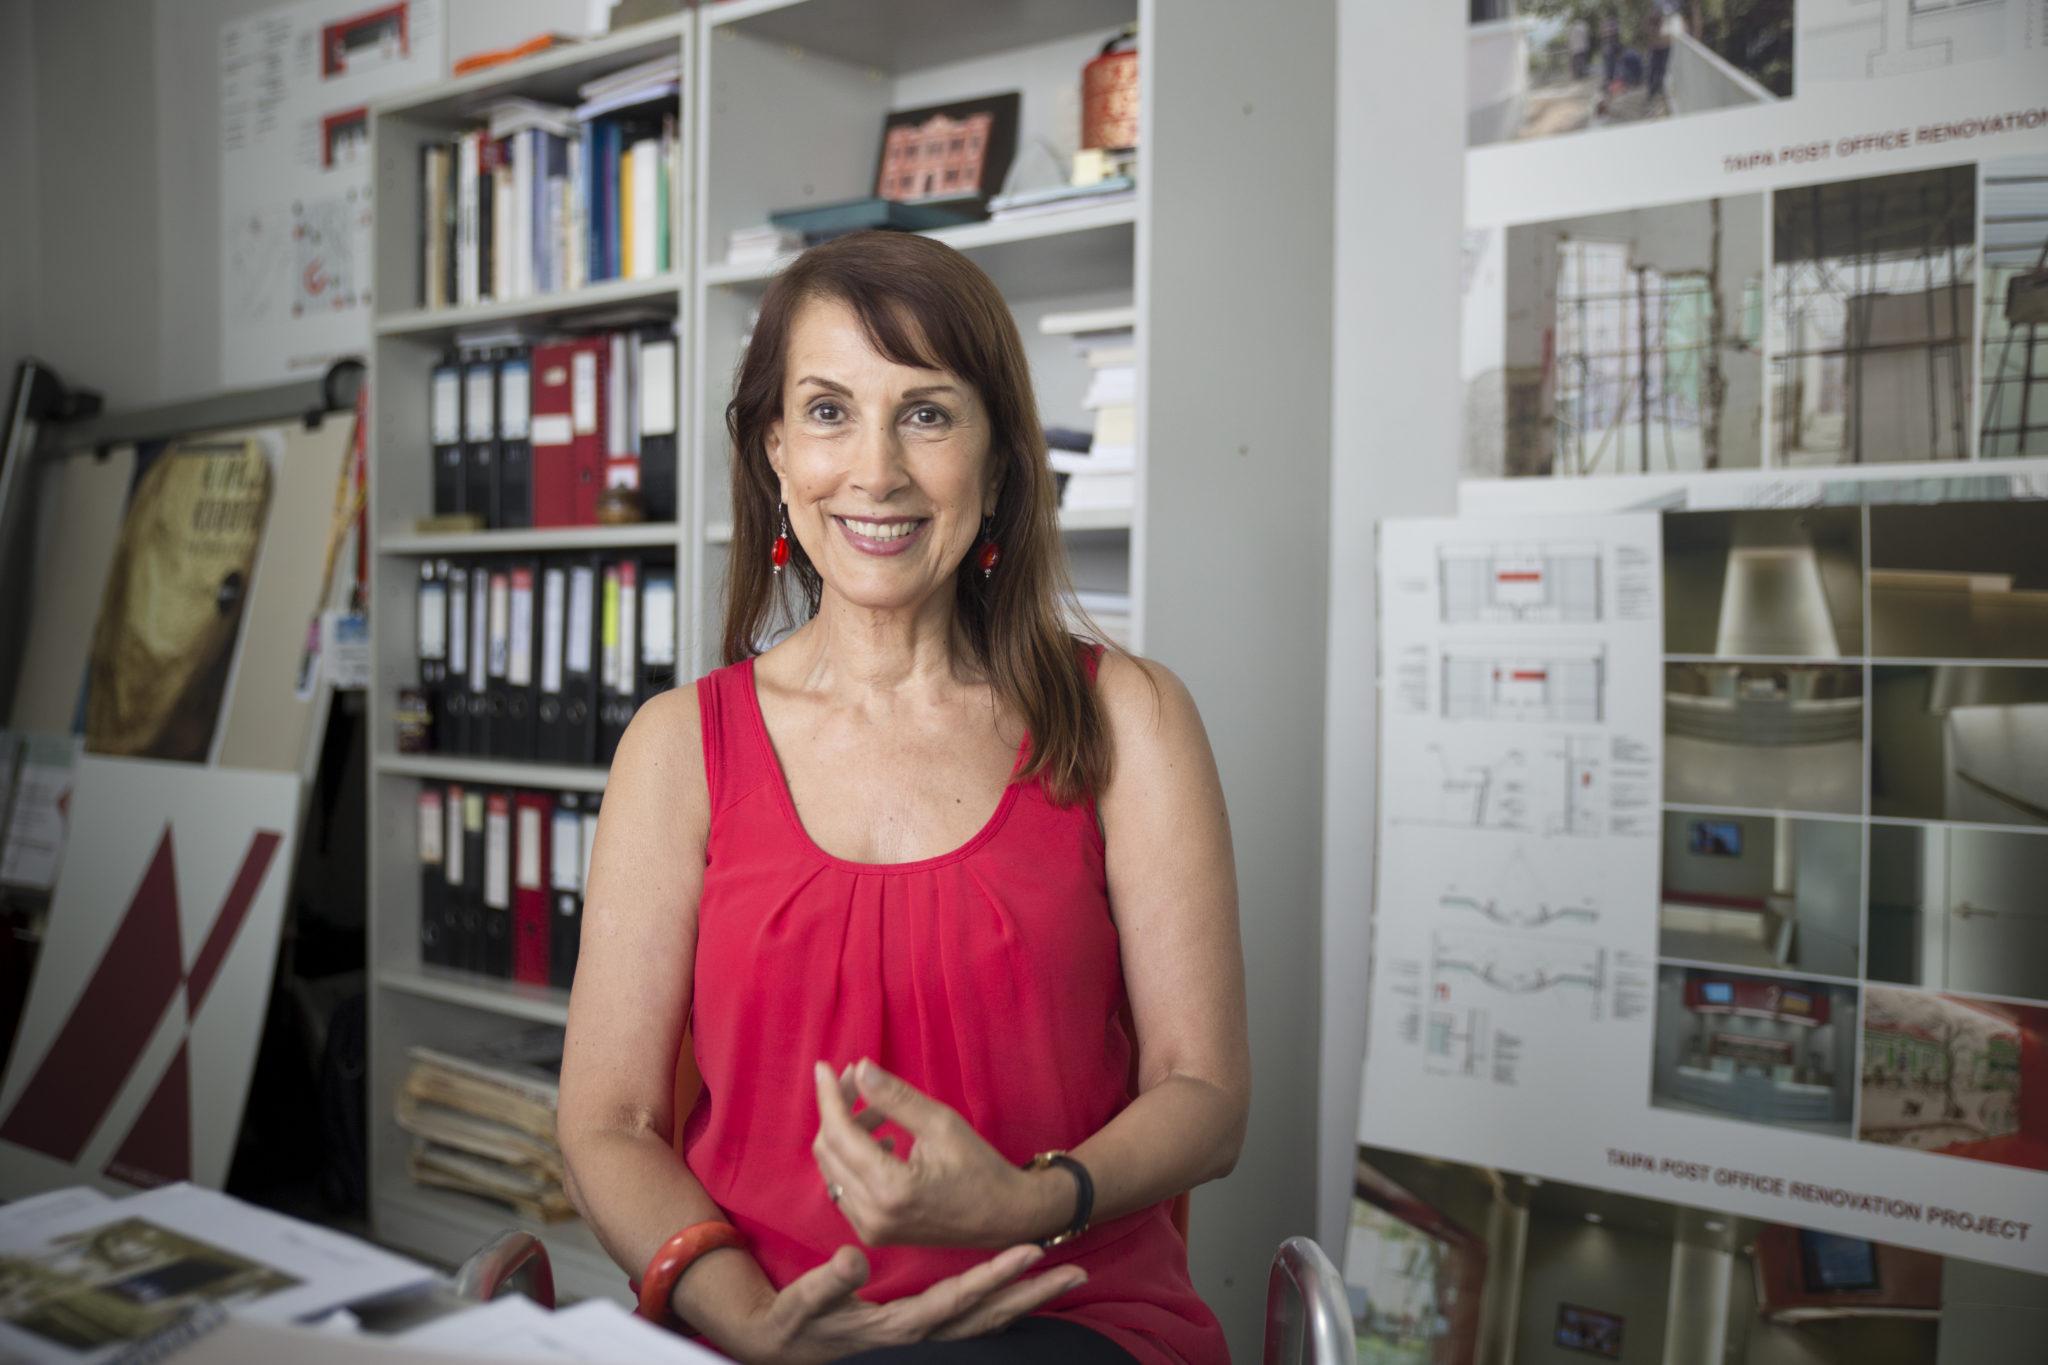 Entrevista | Maria José de Freitas, arquitecta